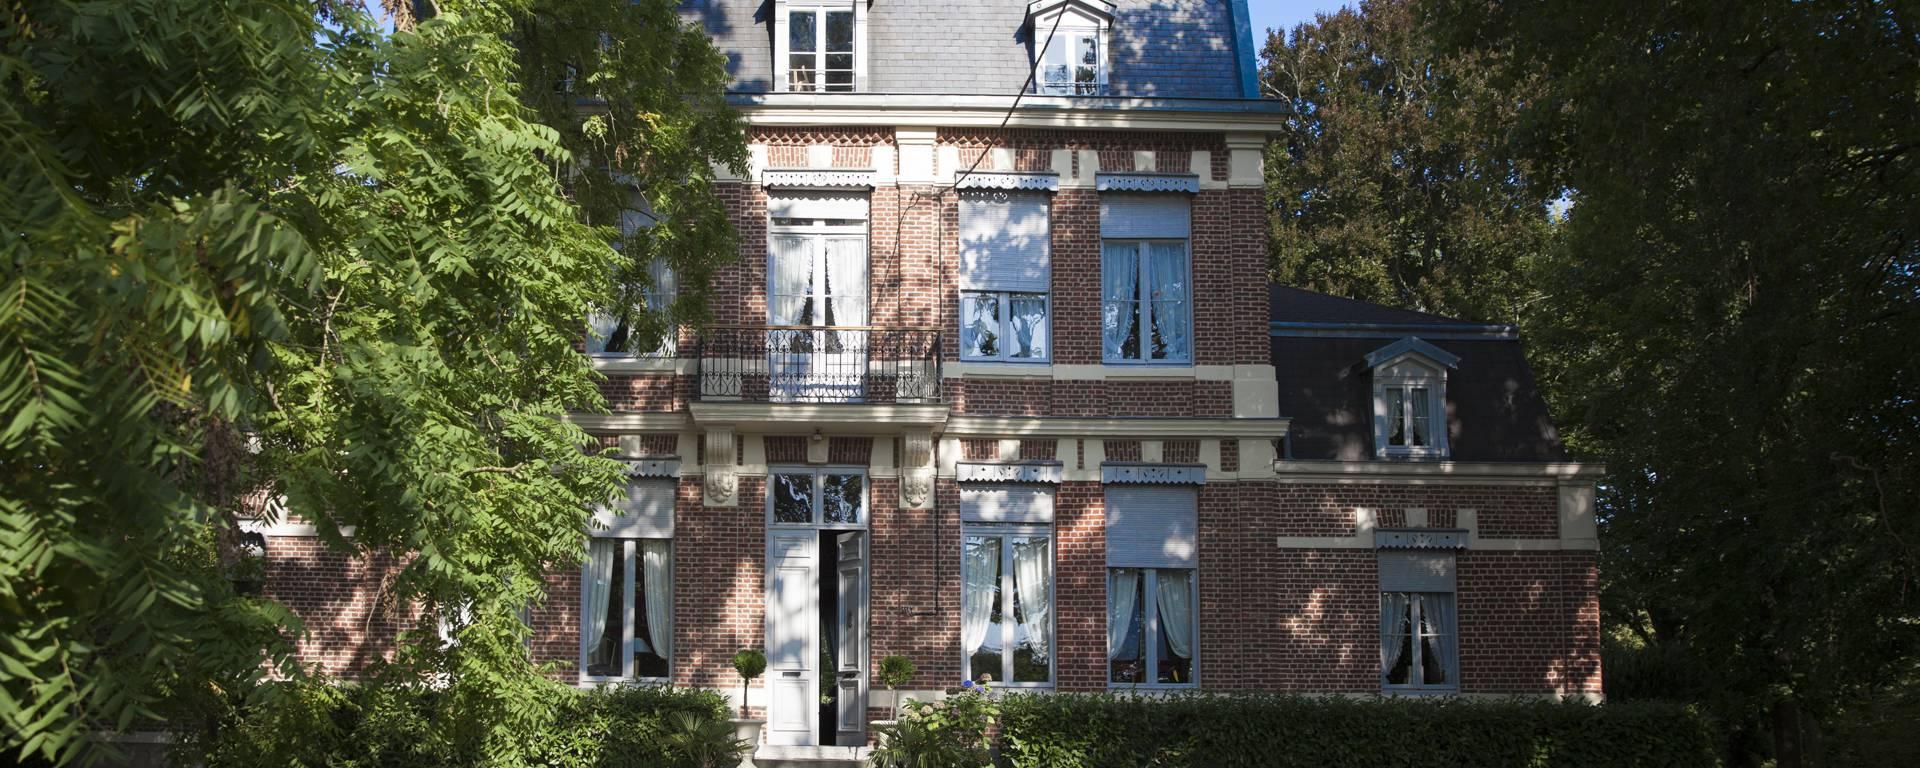 Maison d'hôtes La Peylouse à Saint-Venant